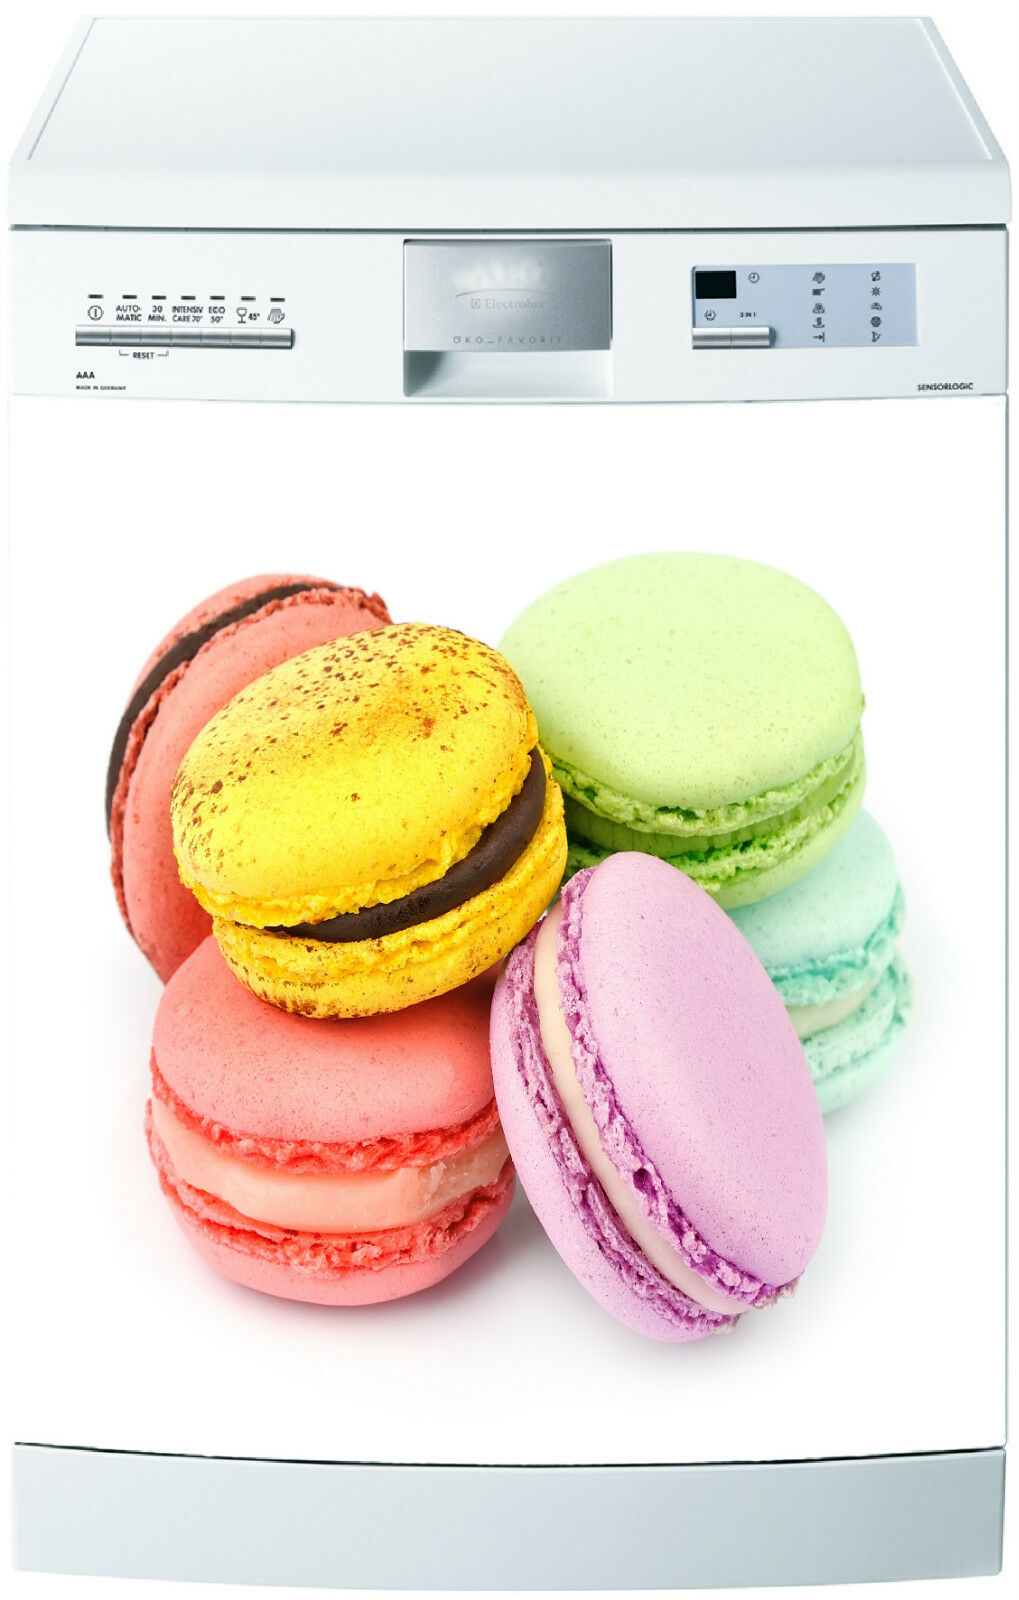 Adesivo Lavastoviglie Decocrazione Cucina Elettrodomestici Macaron 700 60x60cm